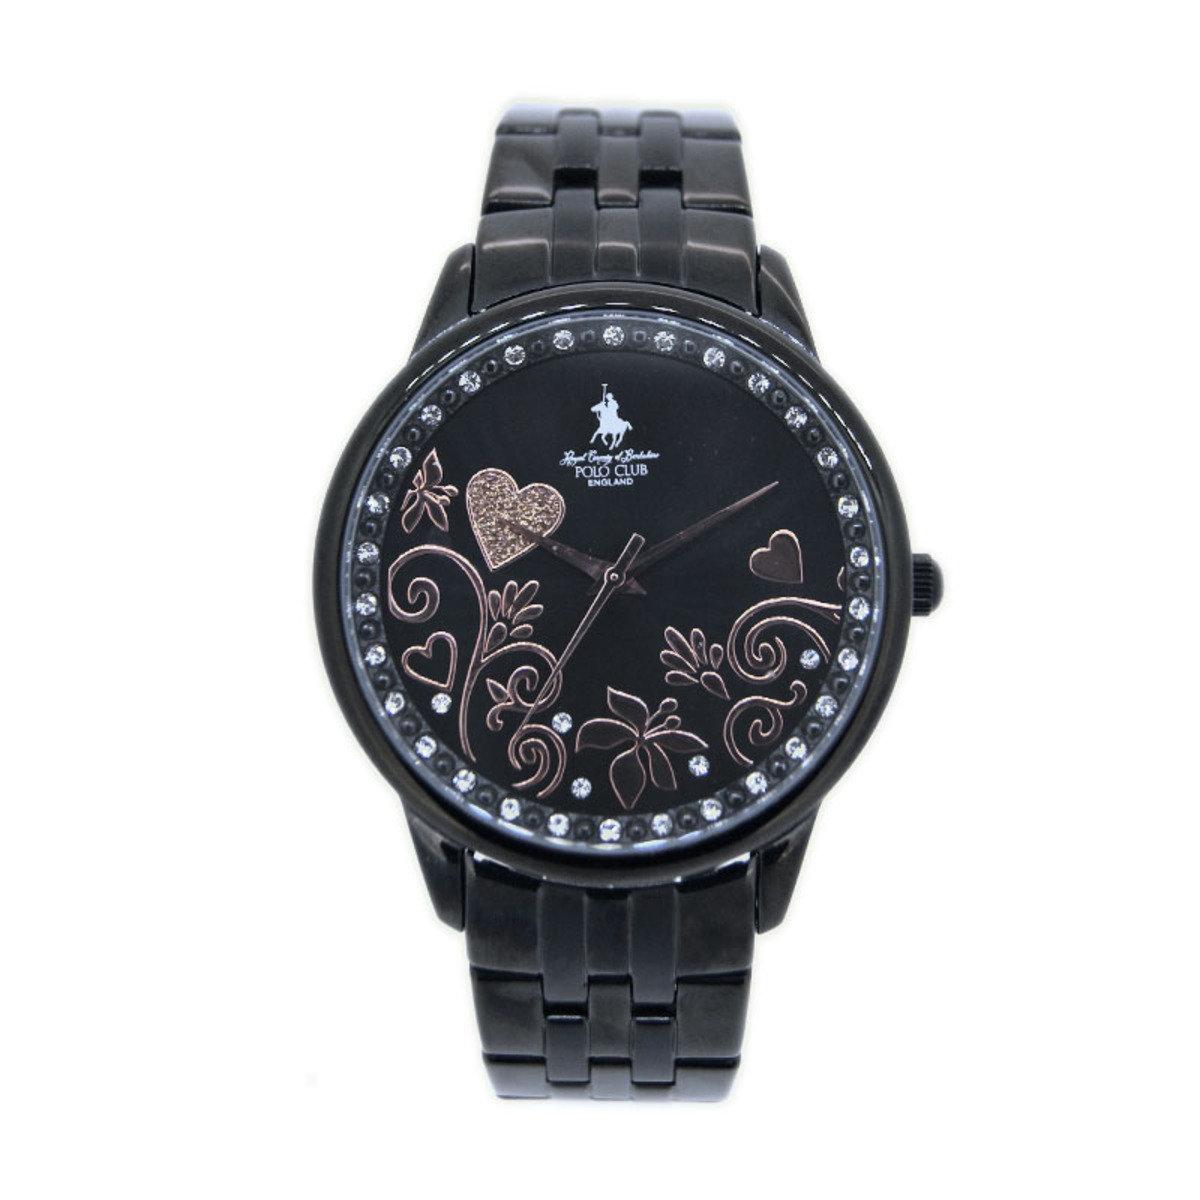 PL165-858BK-S Watch